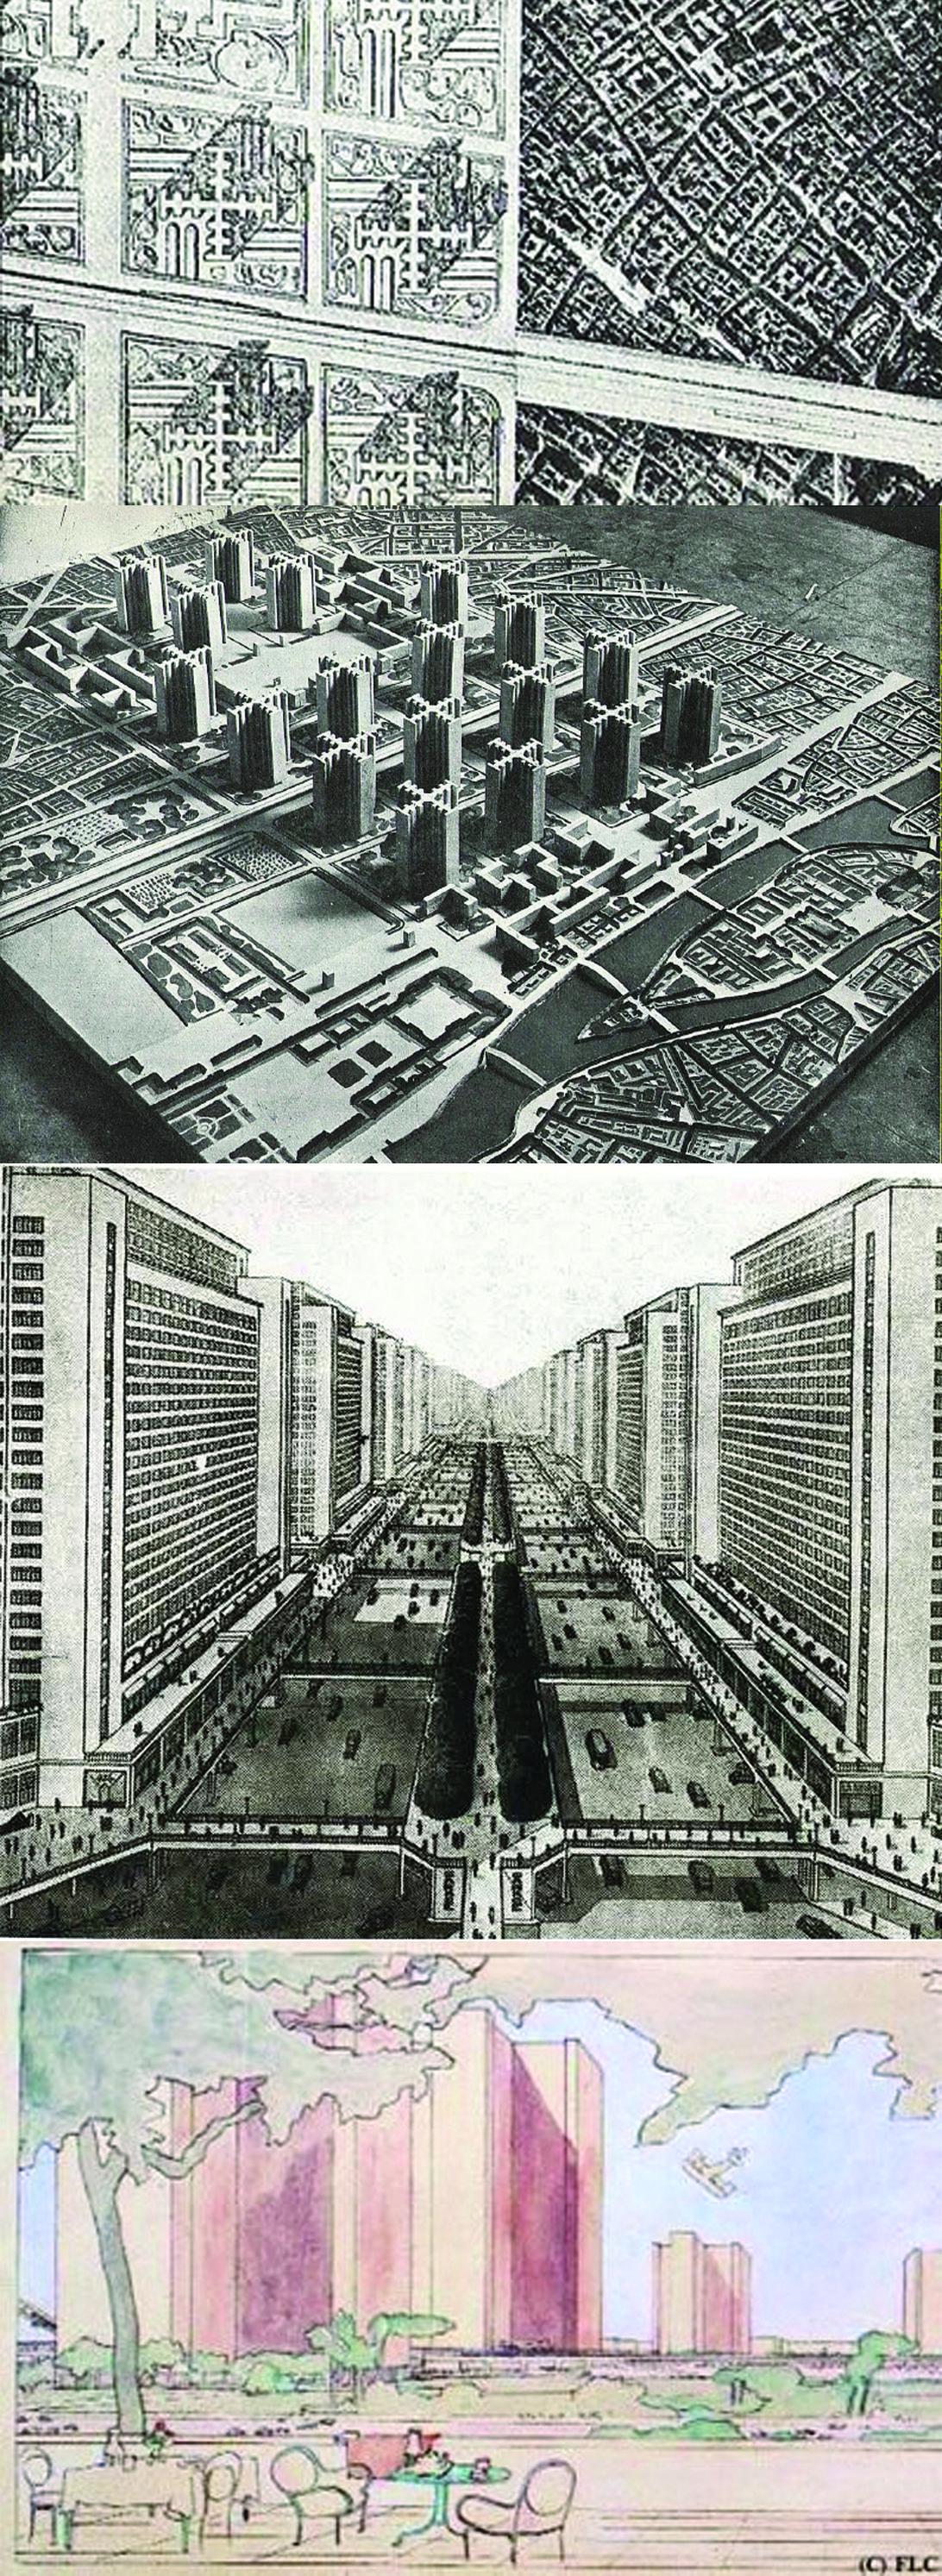 Le Corbusier, Plan Voisin, 1920 Paris.